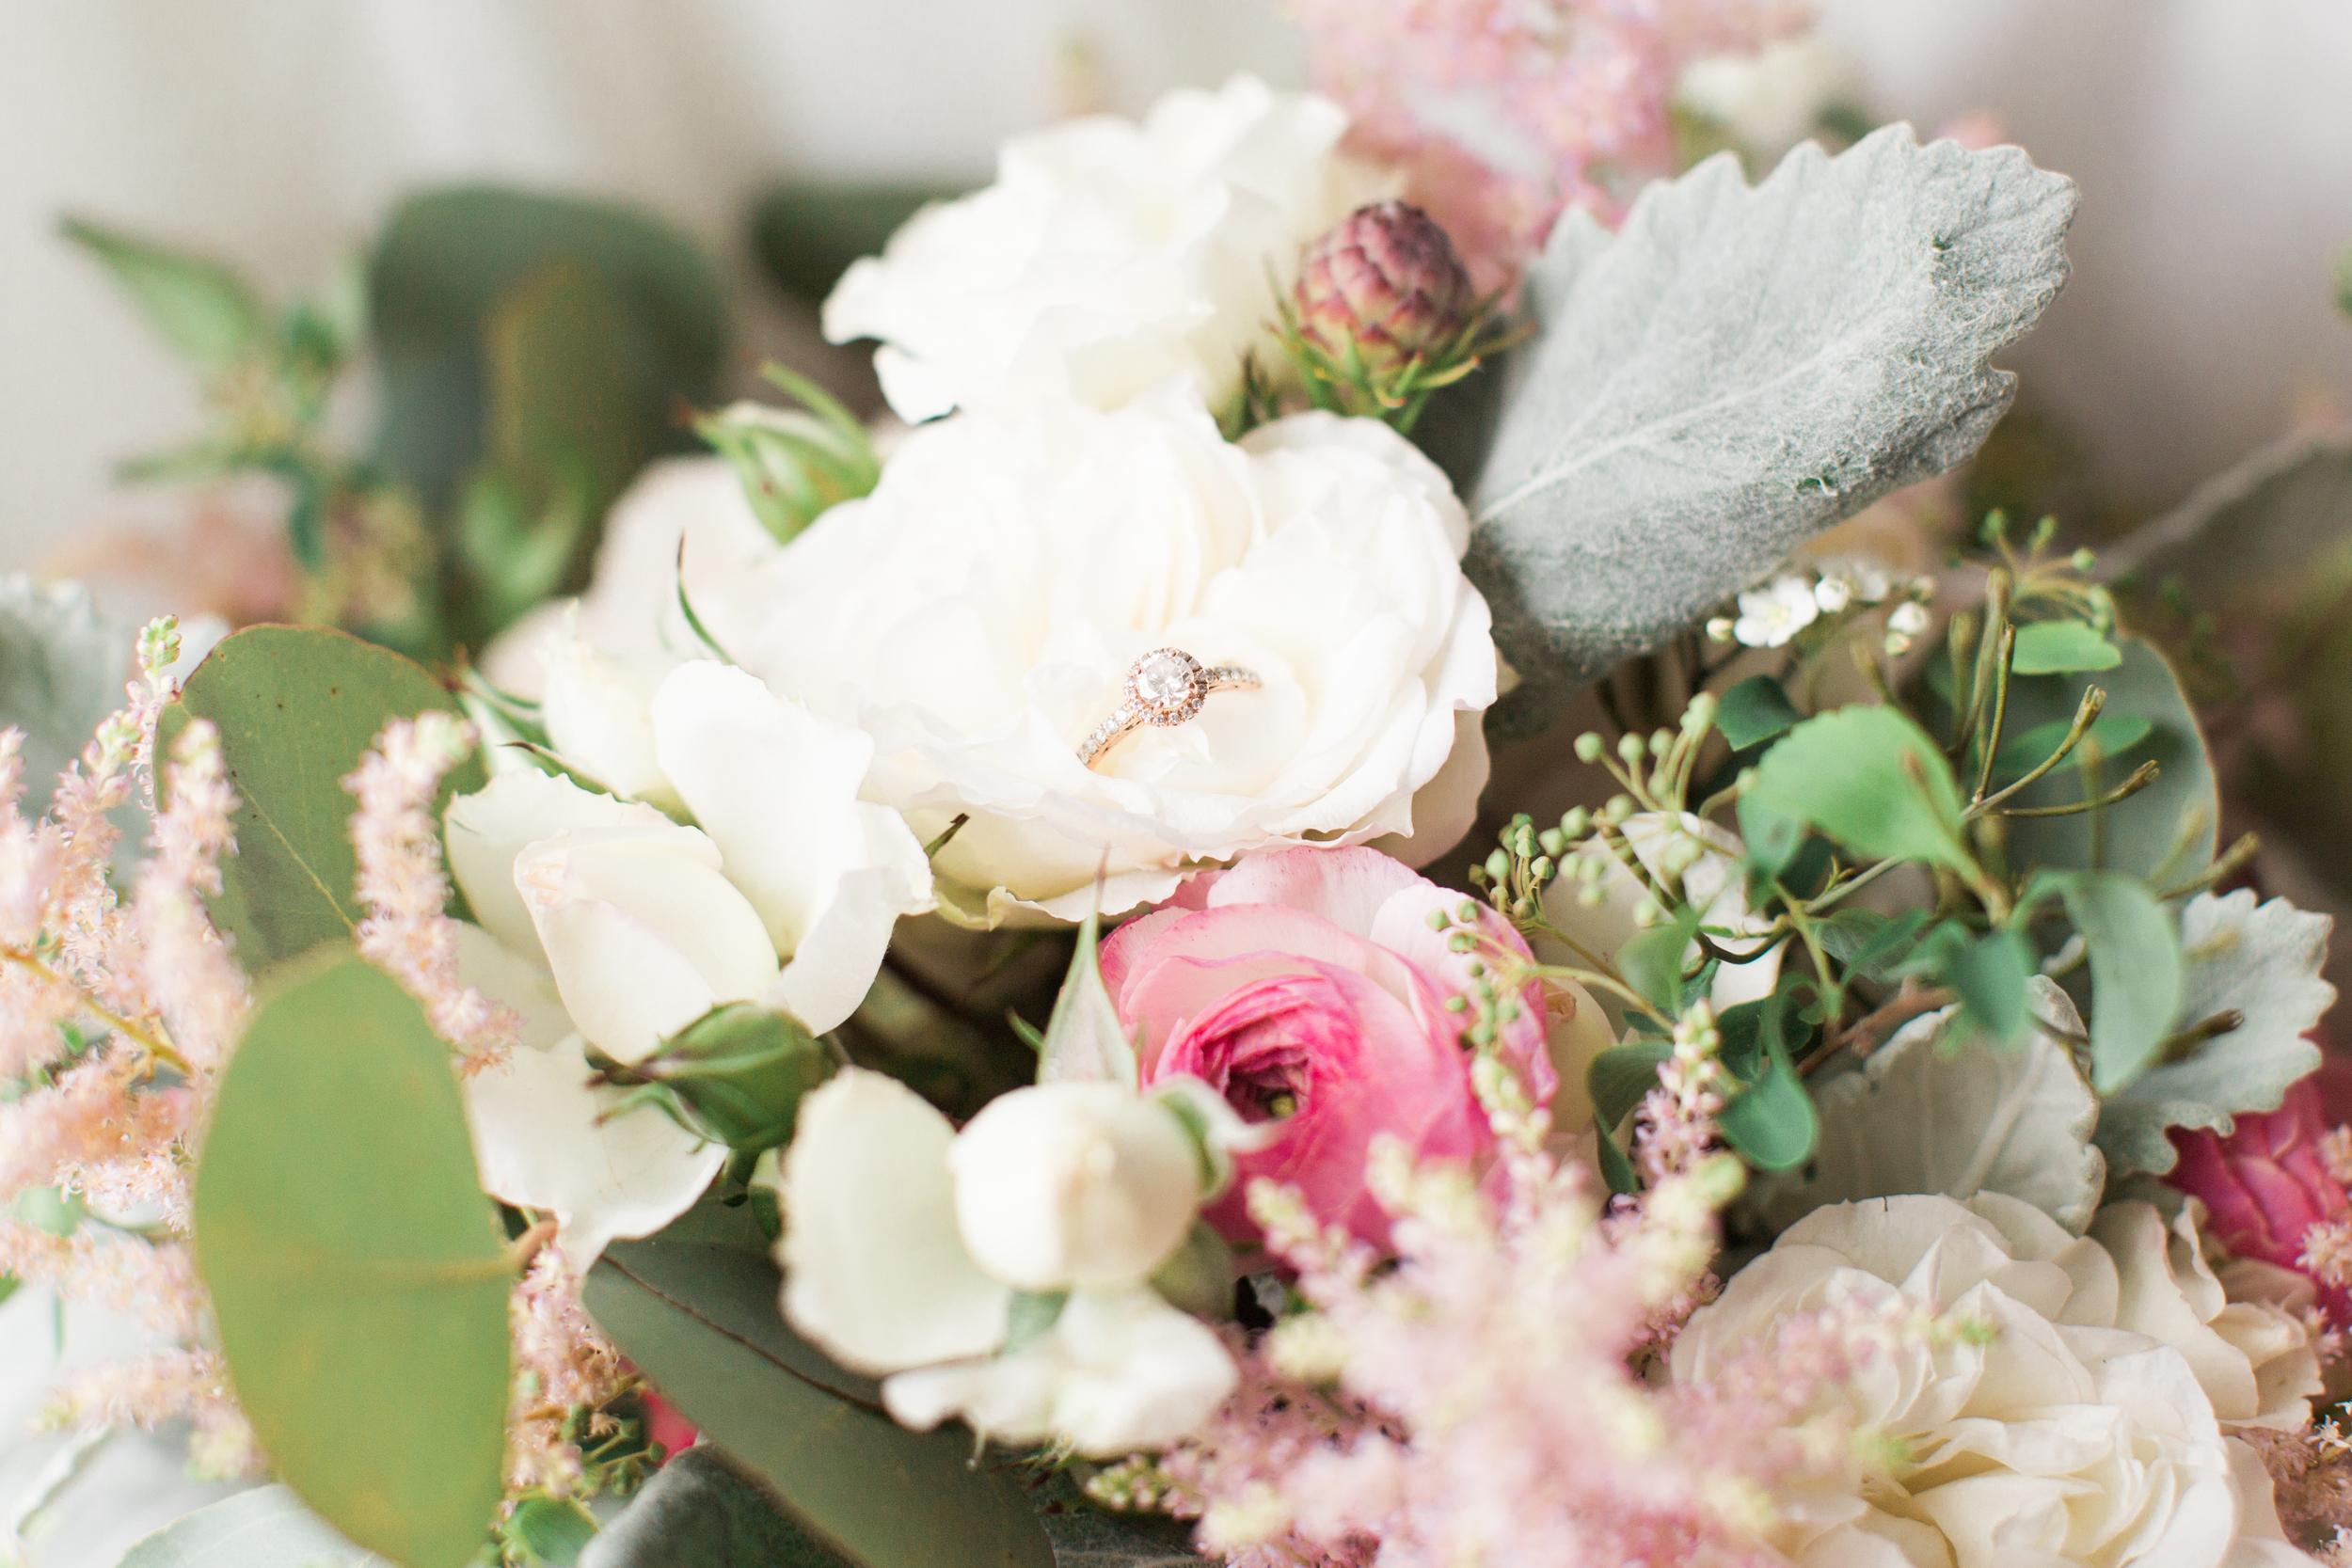 18-ring-in-flower-petals.jpg